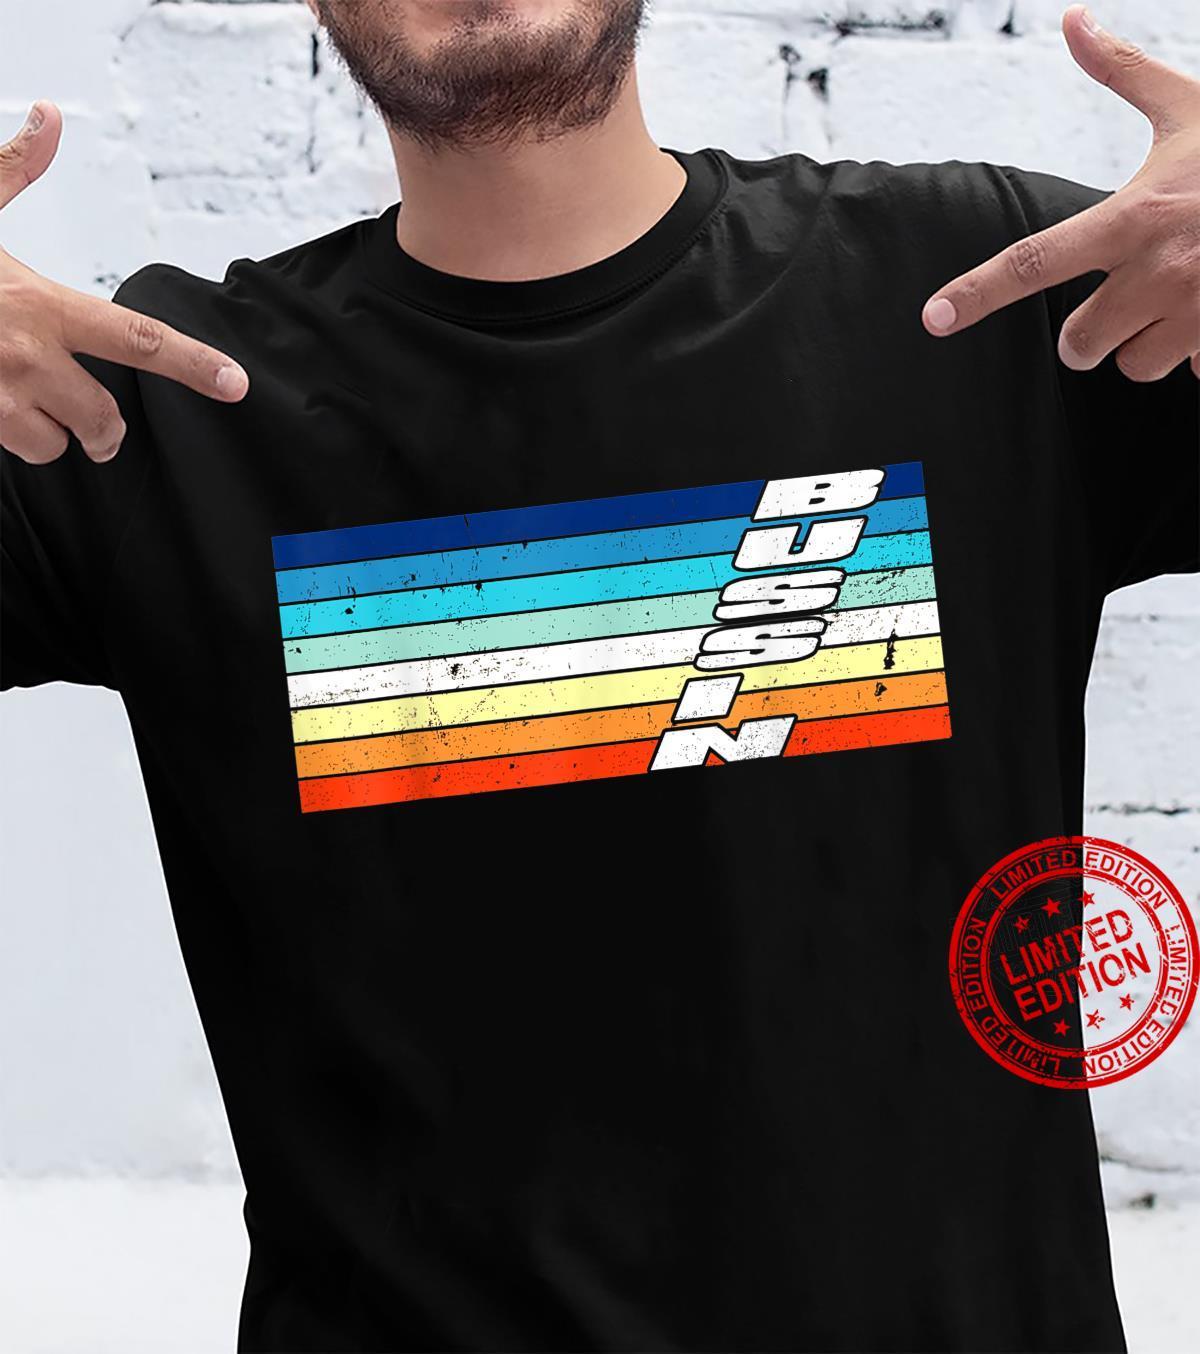 Trending Meme Bussin' Cool Slang Shirt